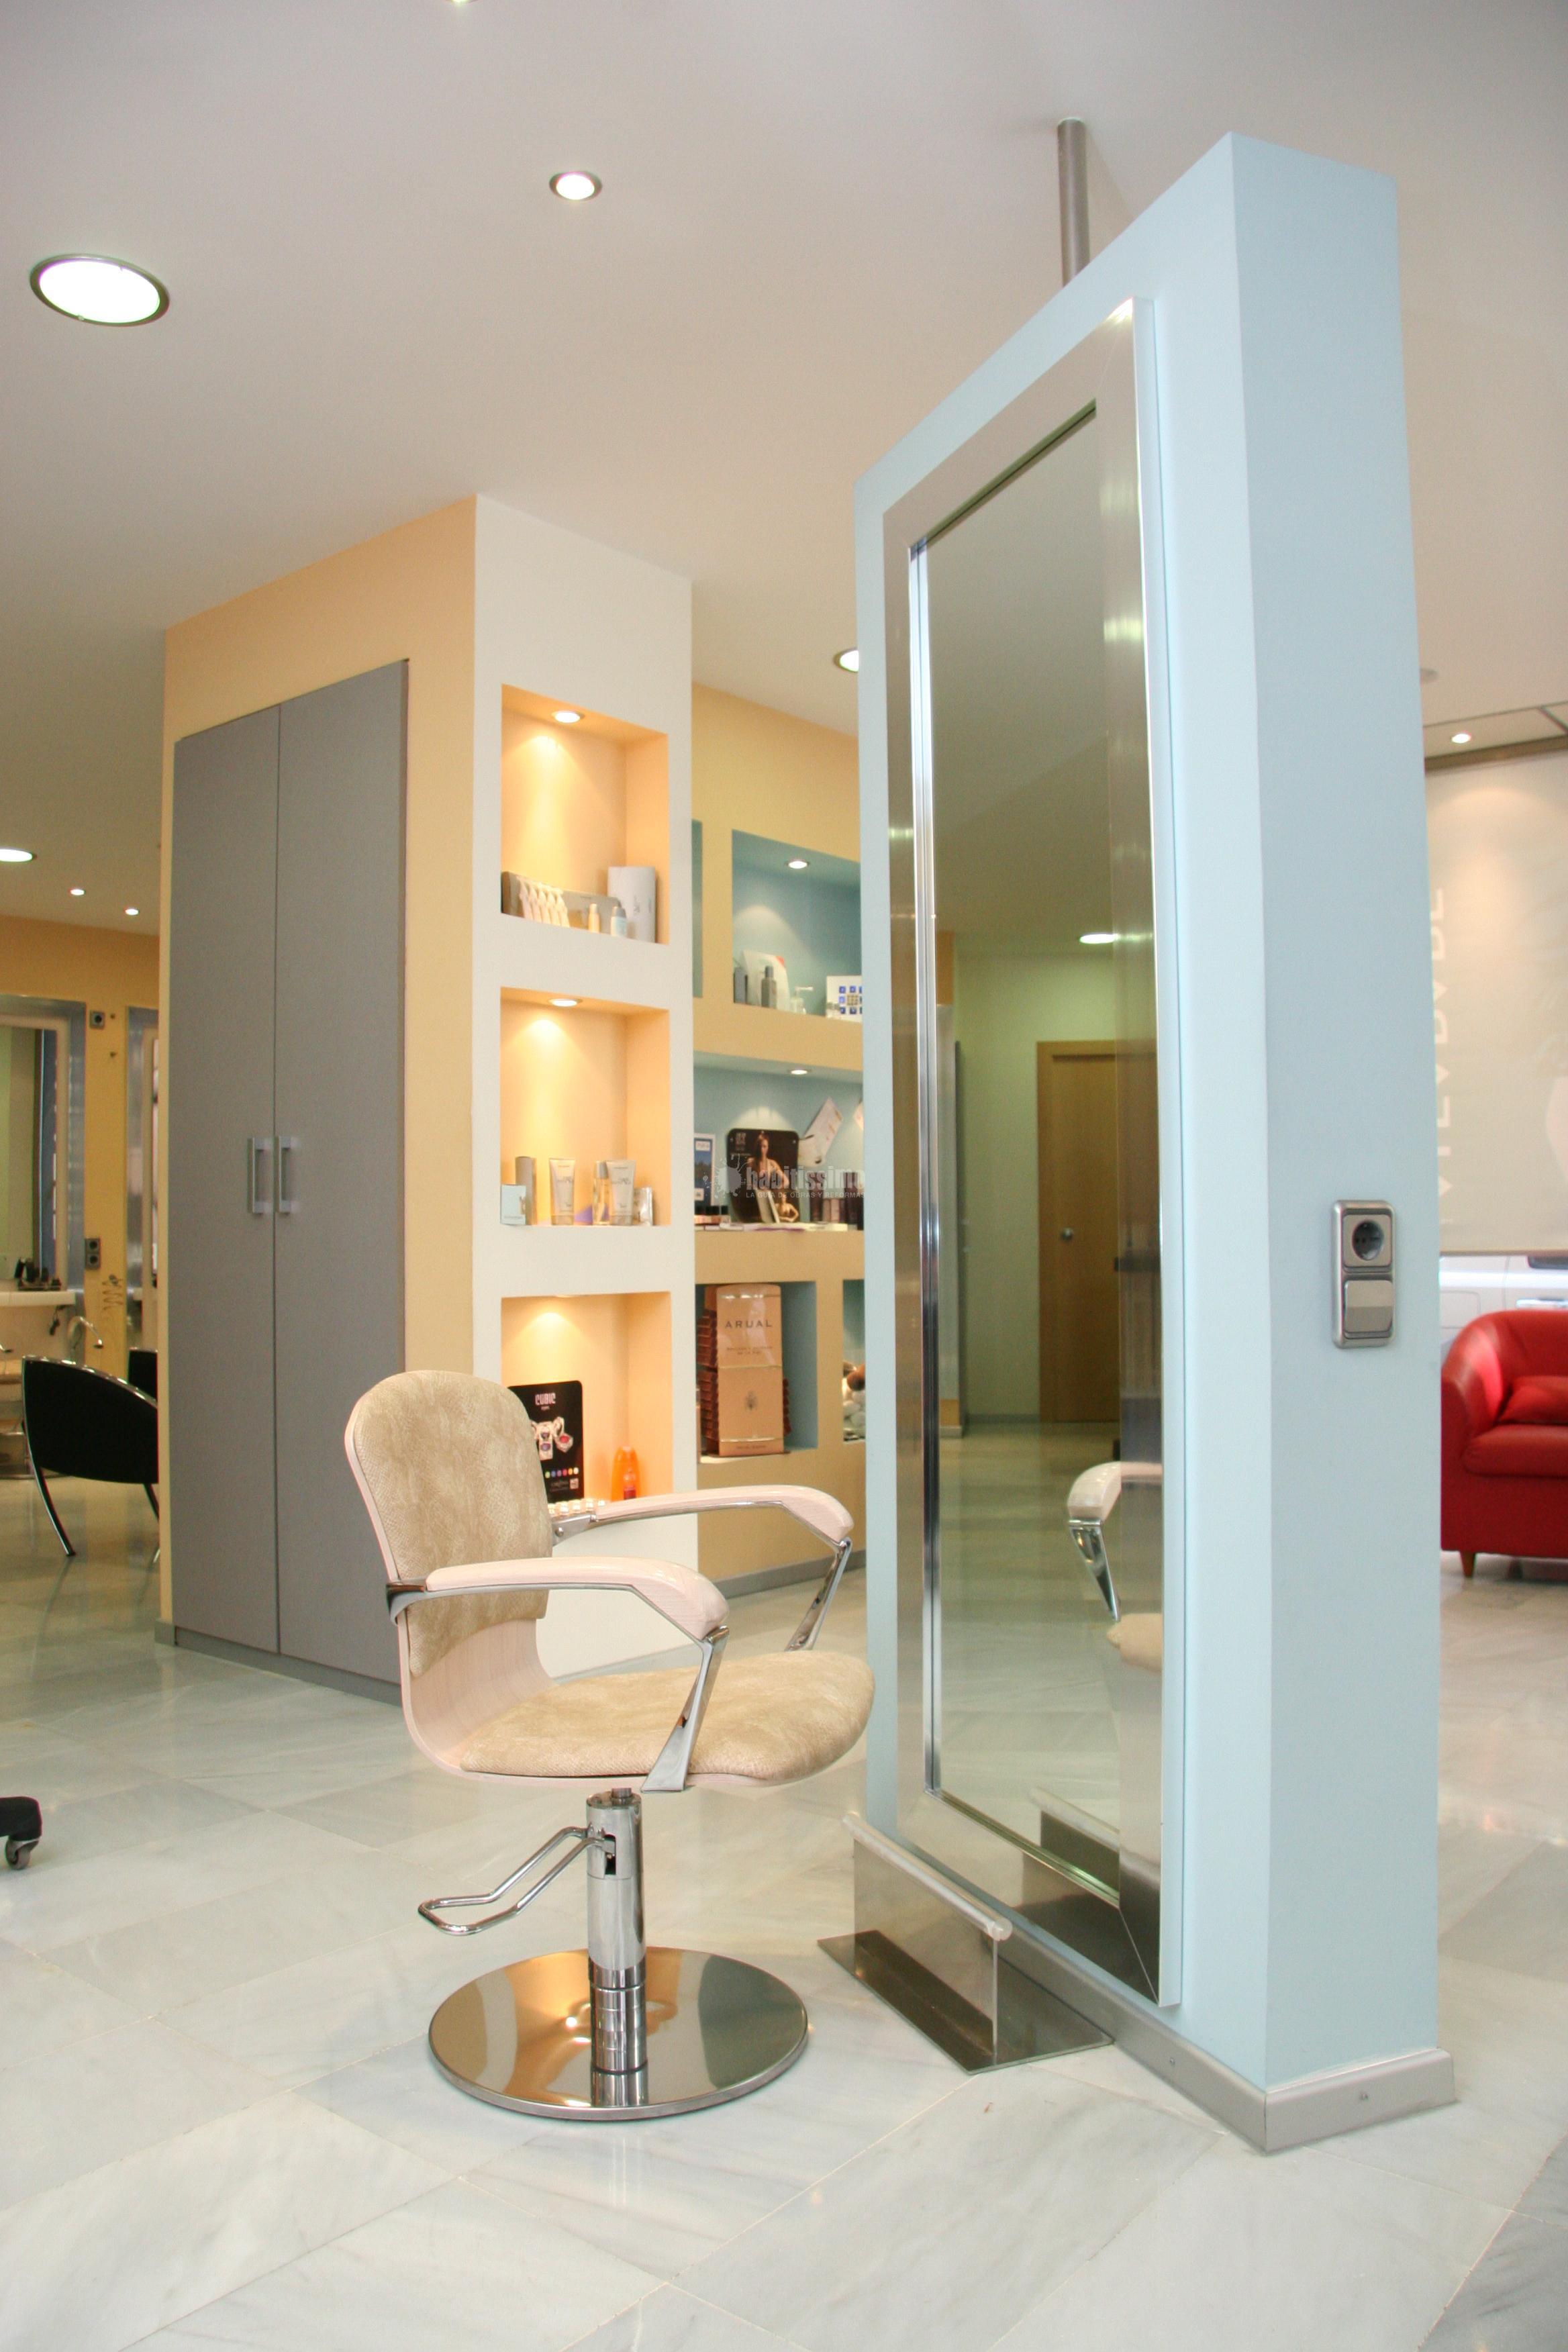 Proyecto de interiorismo peluqueria imatge ideas arquitectos - Ideas interiorismo ...